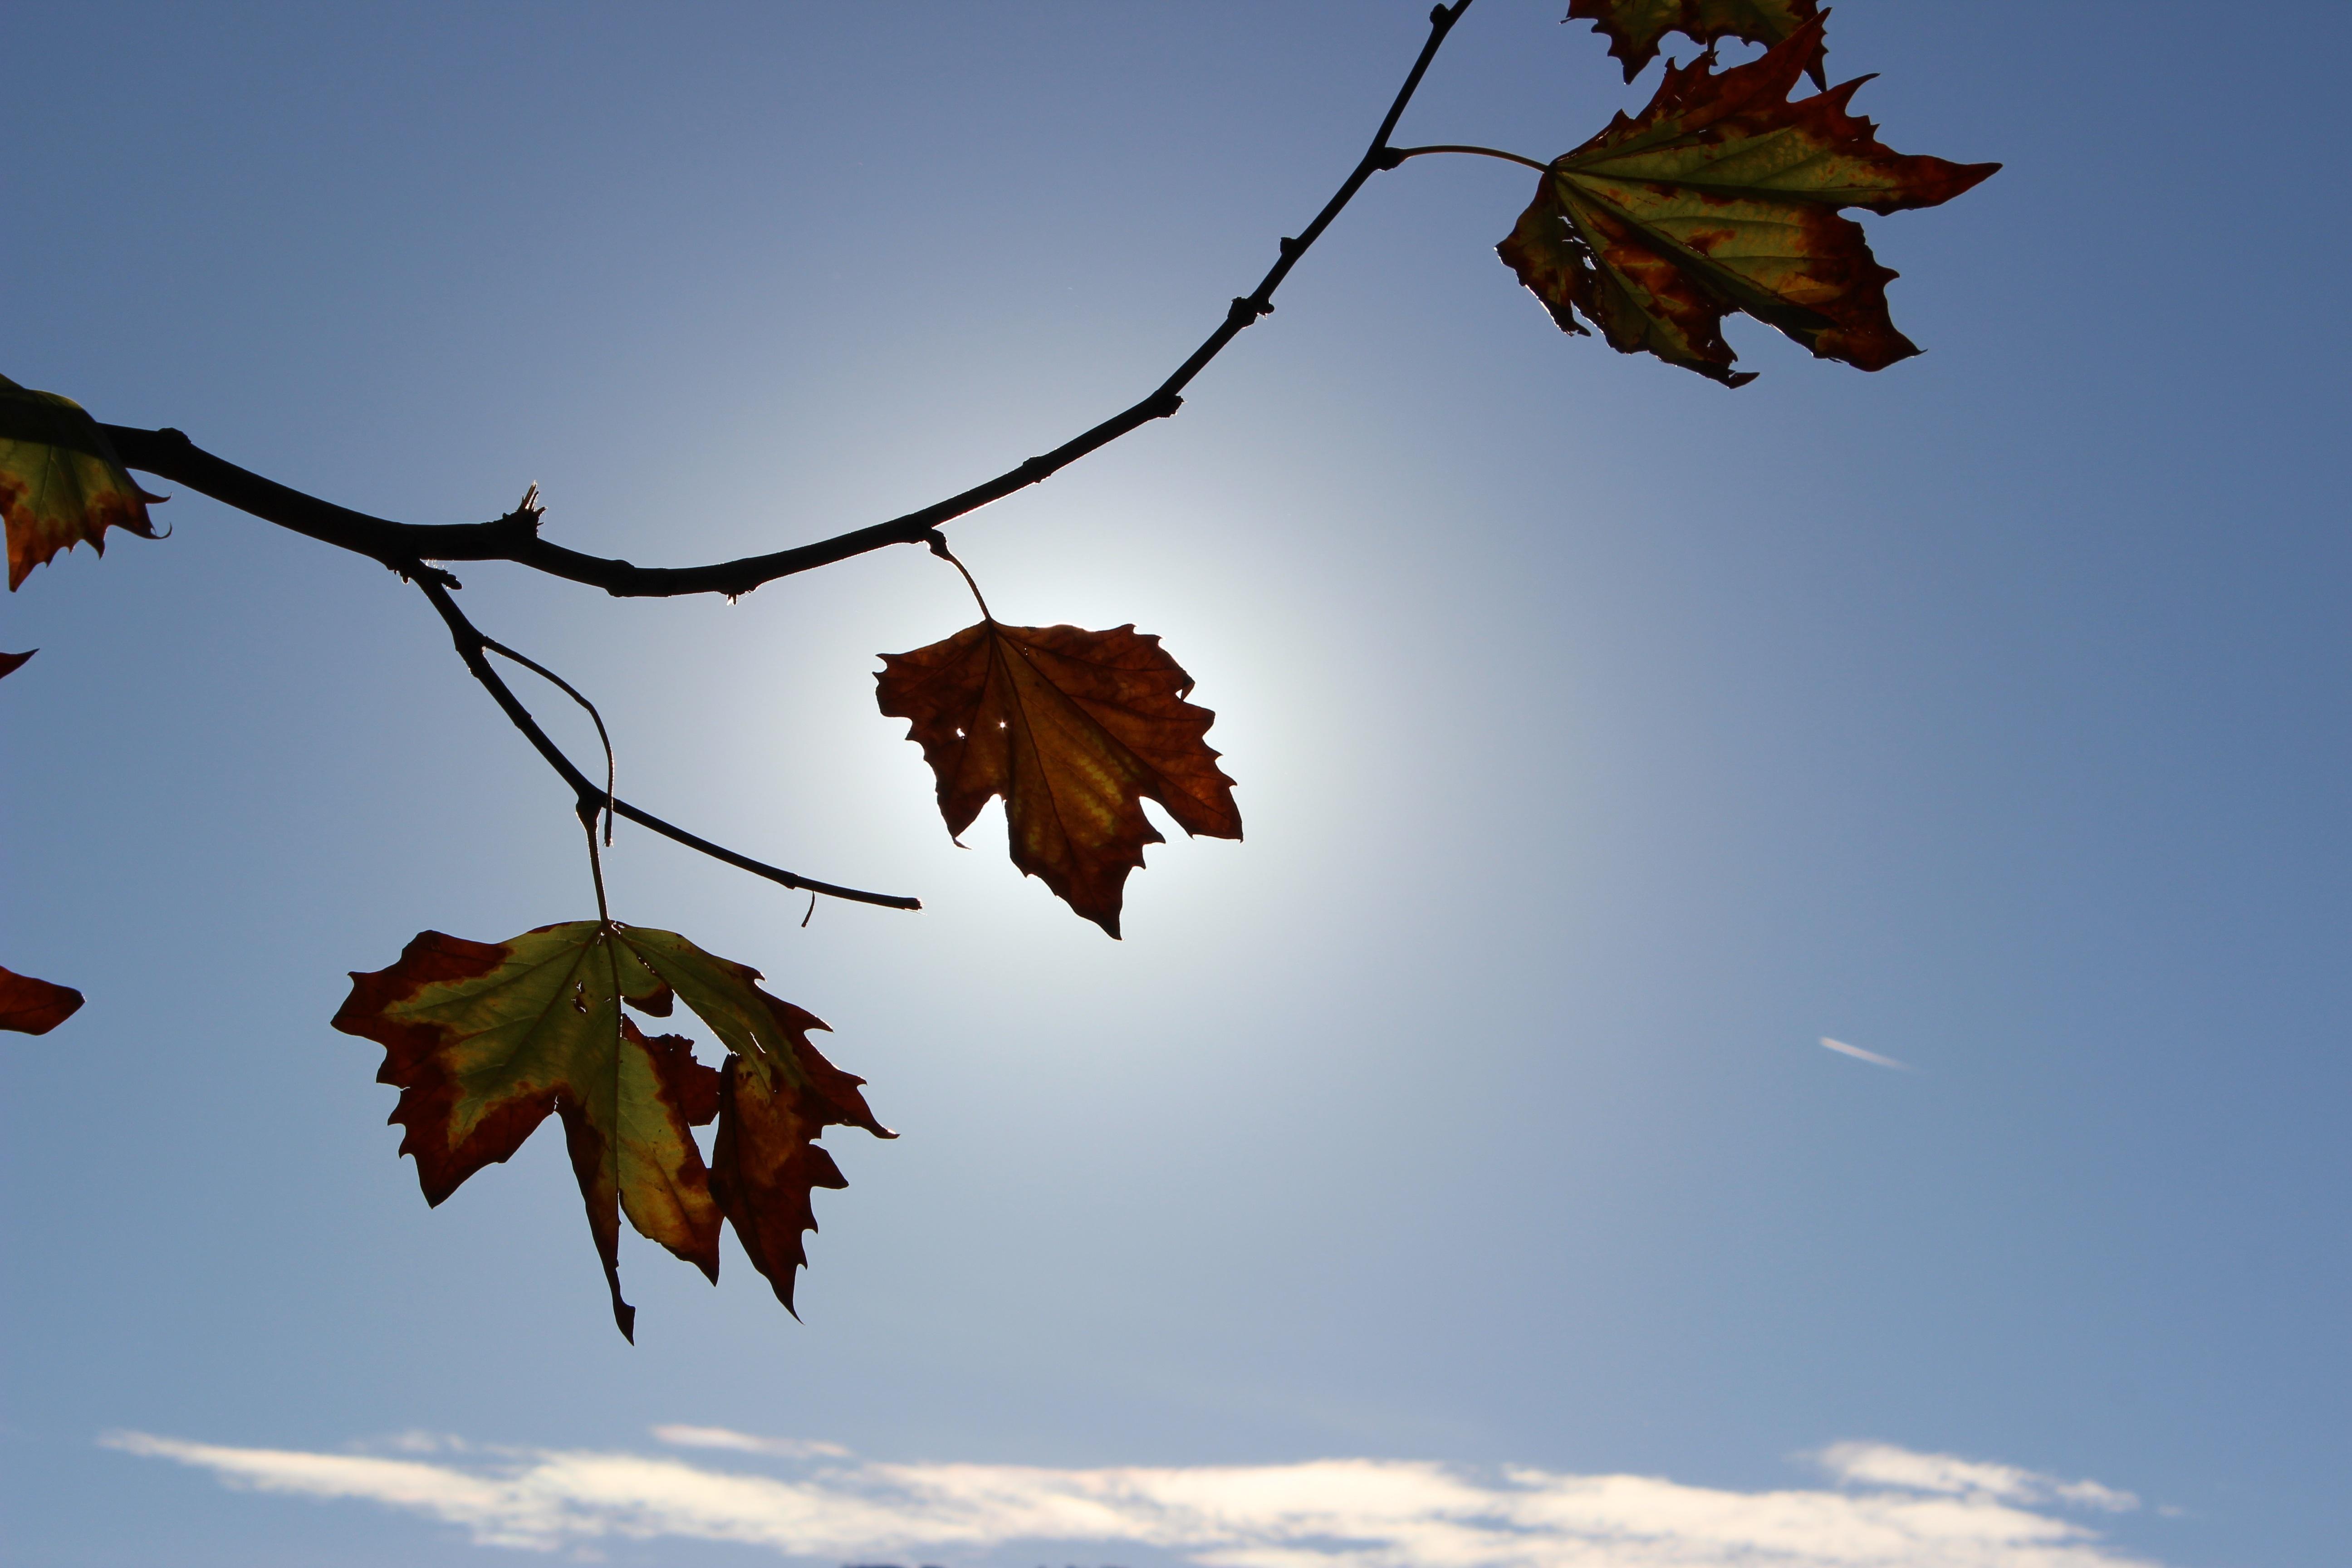 фотография картинка улетающие листья этой